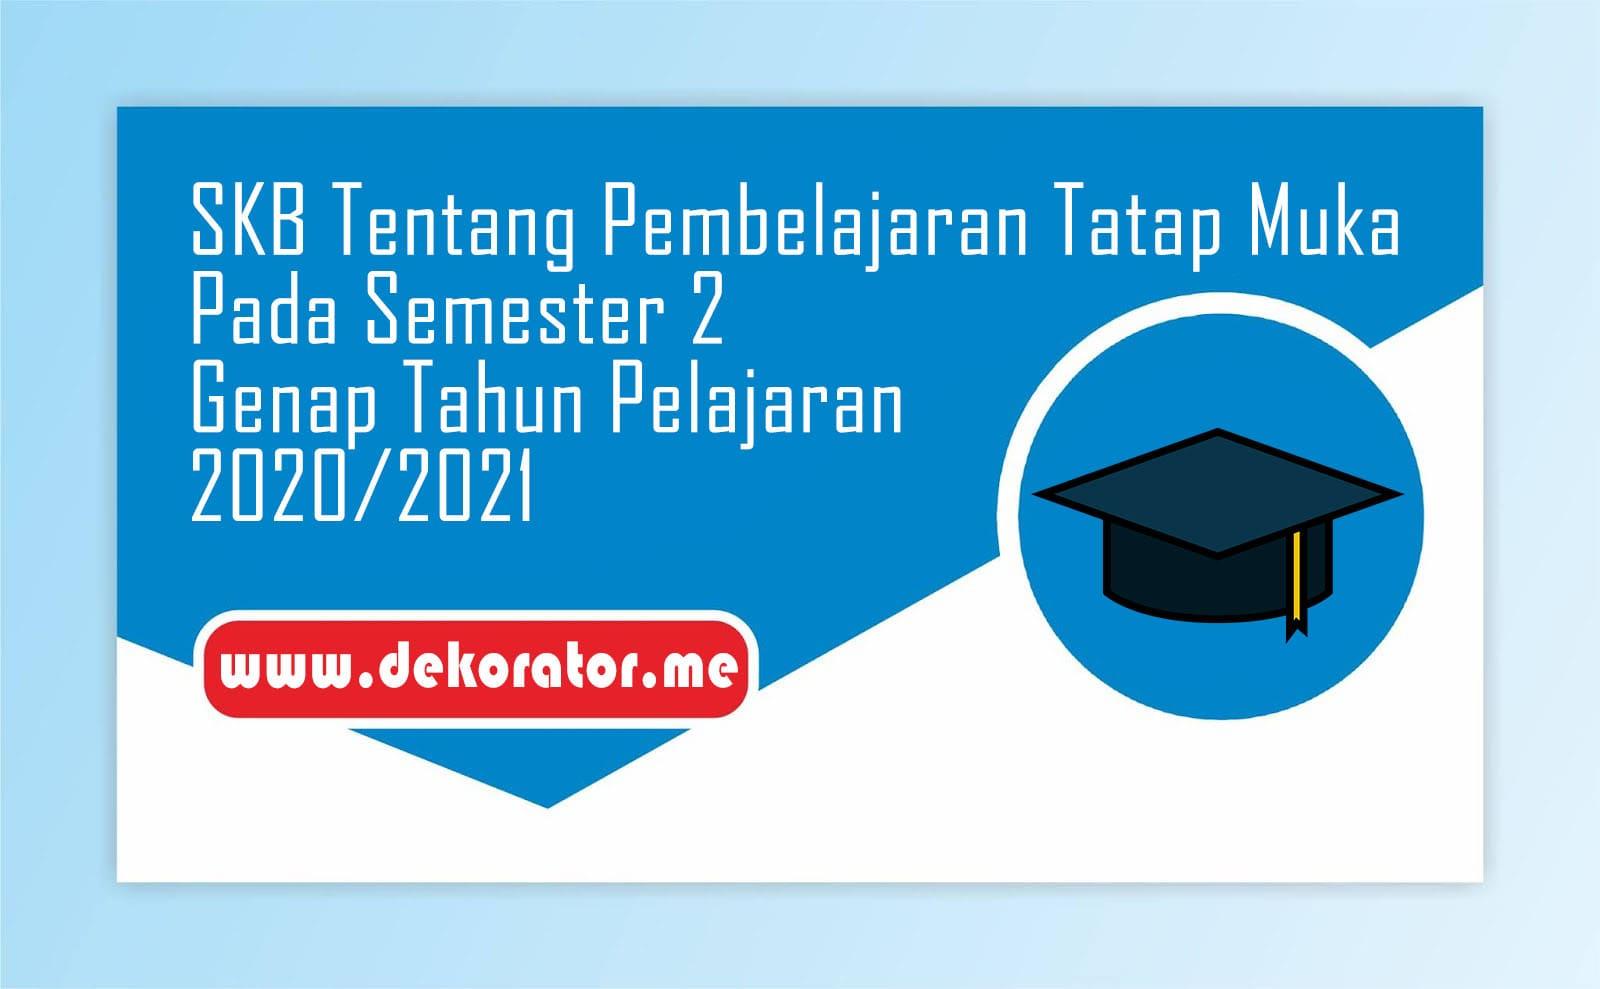 SKB Tentang Pembelajaran Tatap Muka Pada Semester 2 – Genap Tahun Pelajaran 2020/2021